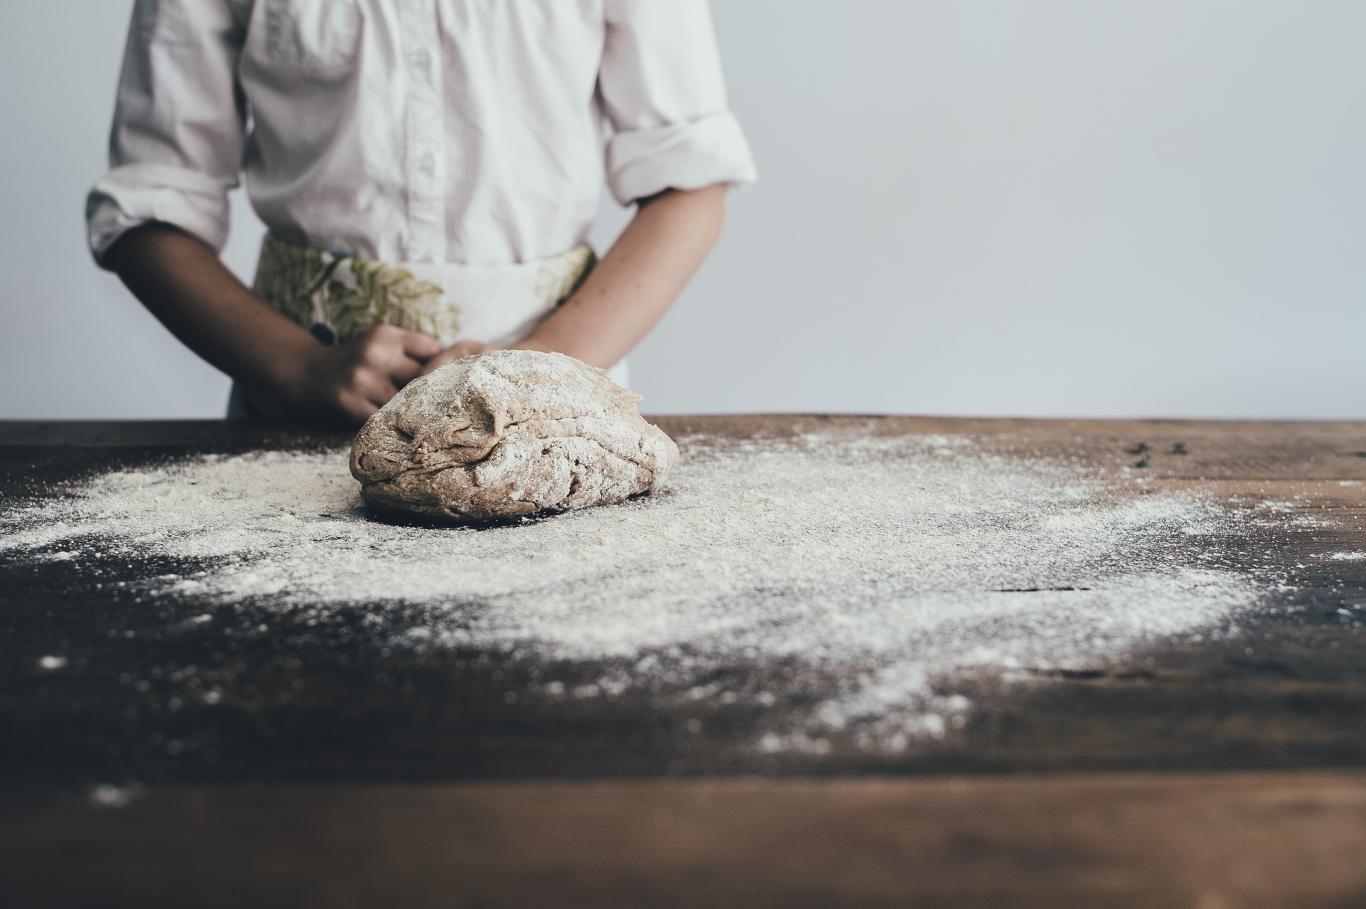 Cocinero amasando